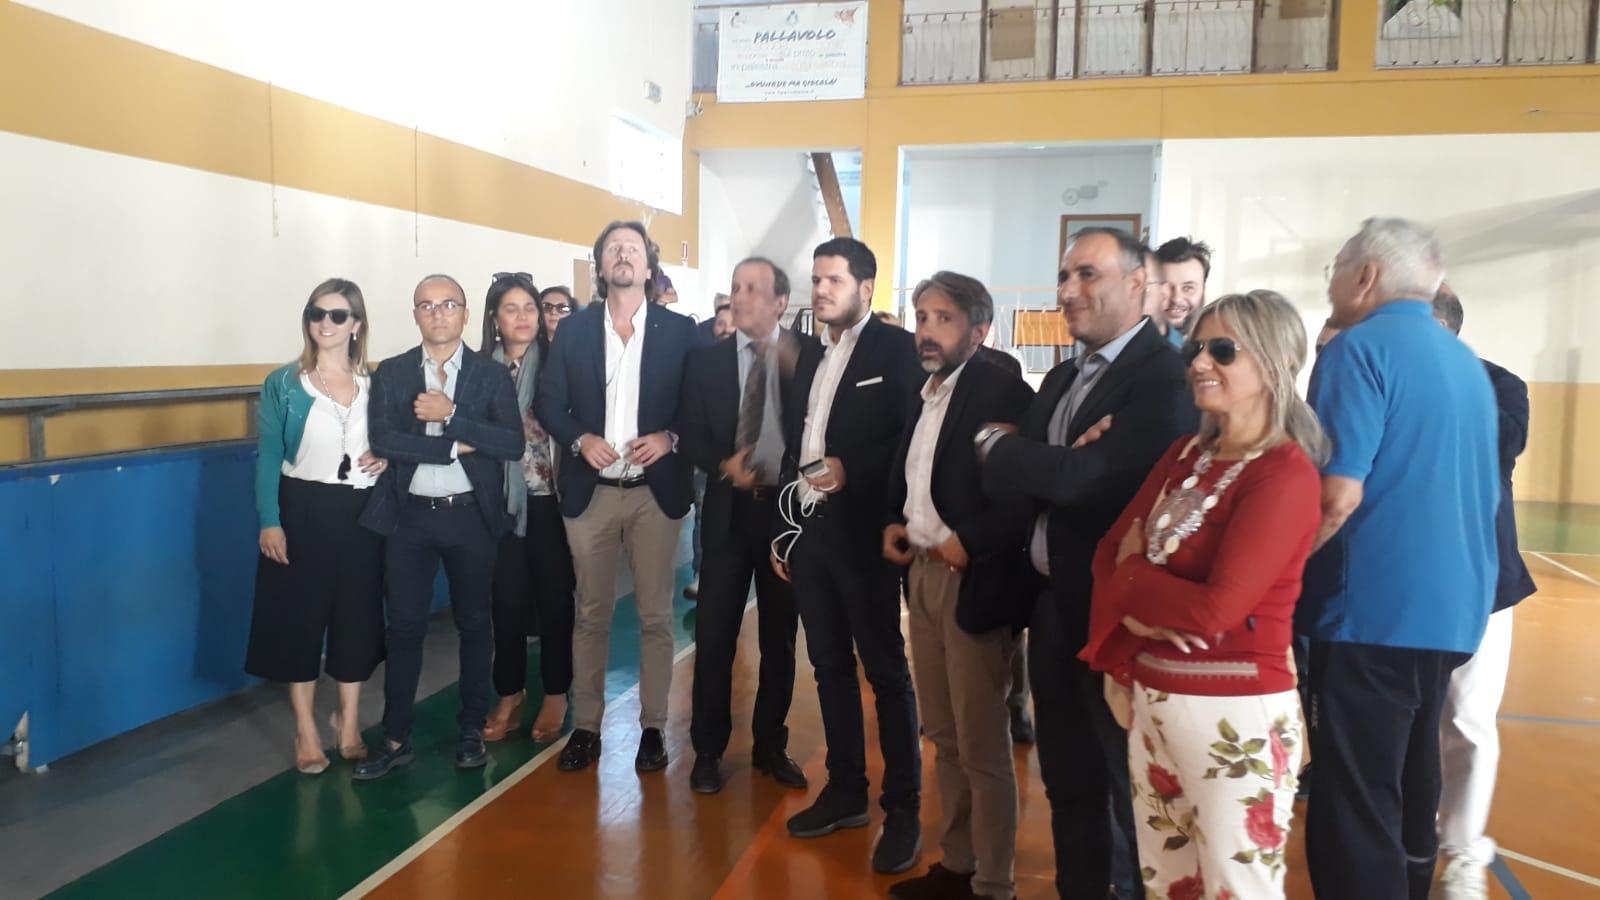 """Paternò, l'assessore Manlio Messina visita gli impianti sportivi: """"Servono nuovi progetti"""""""